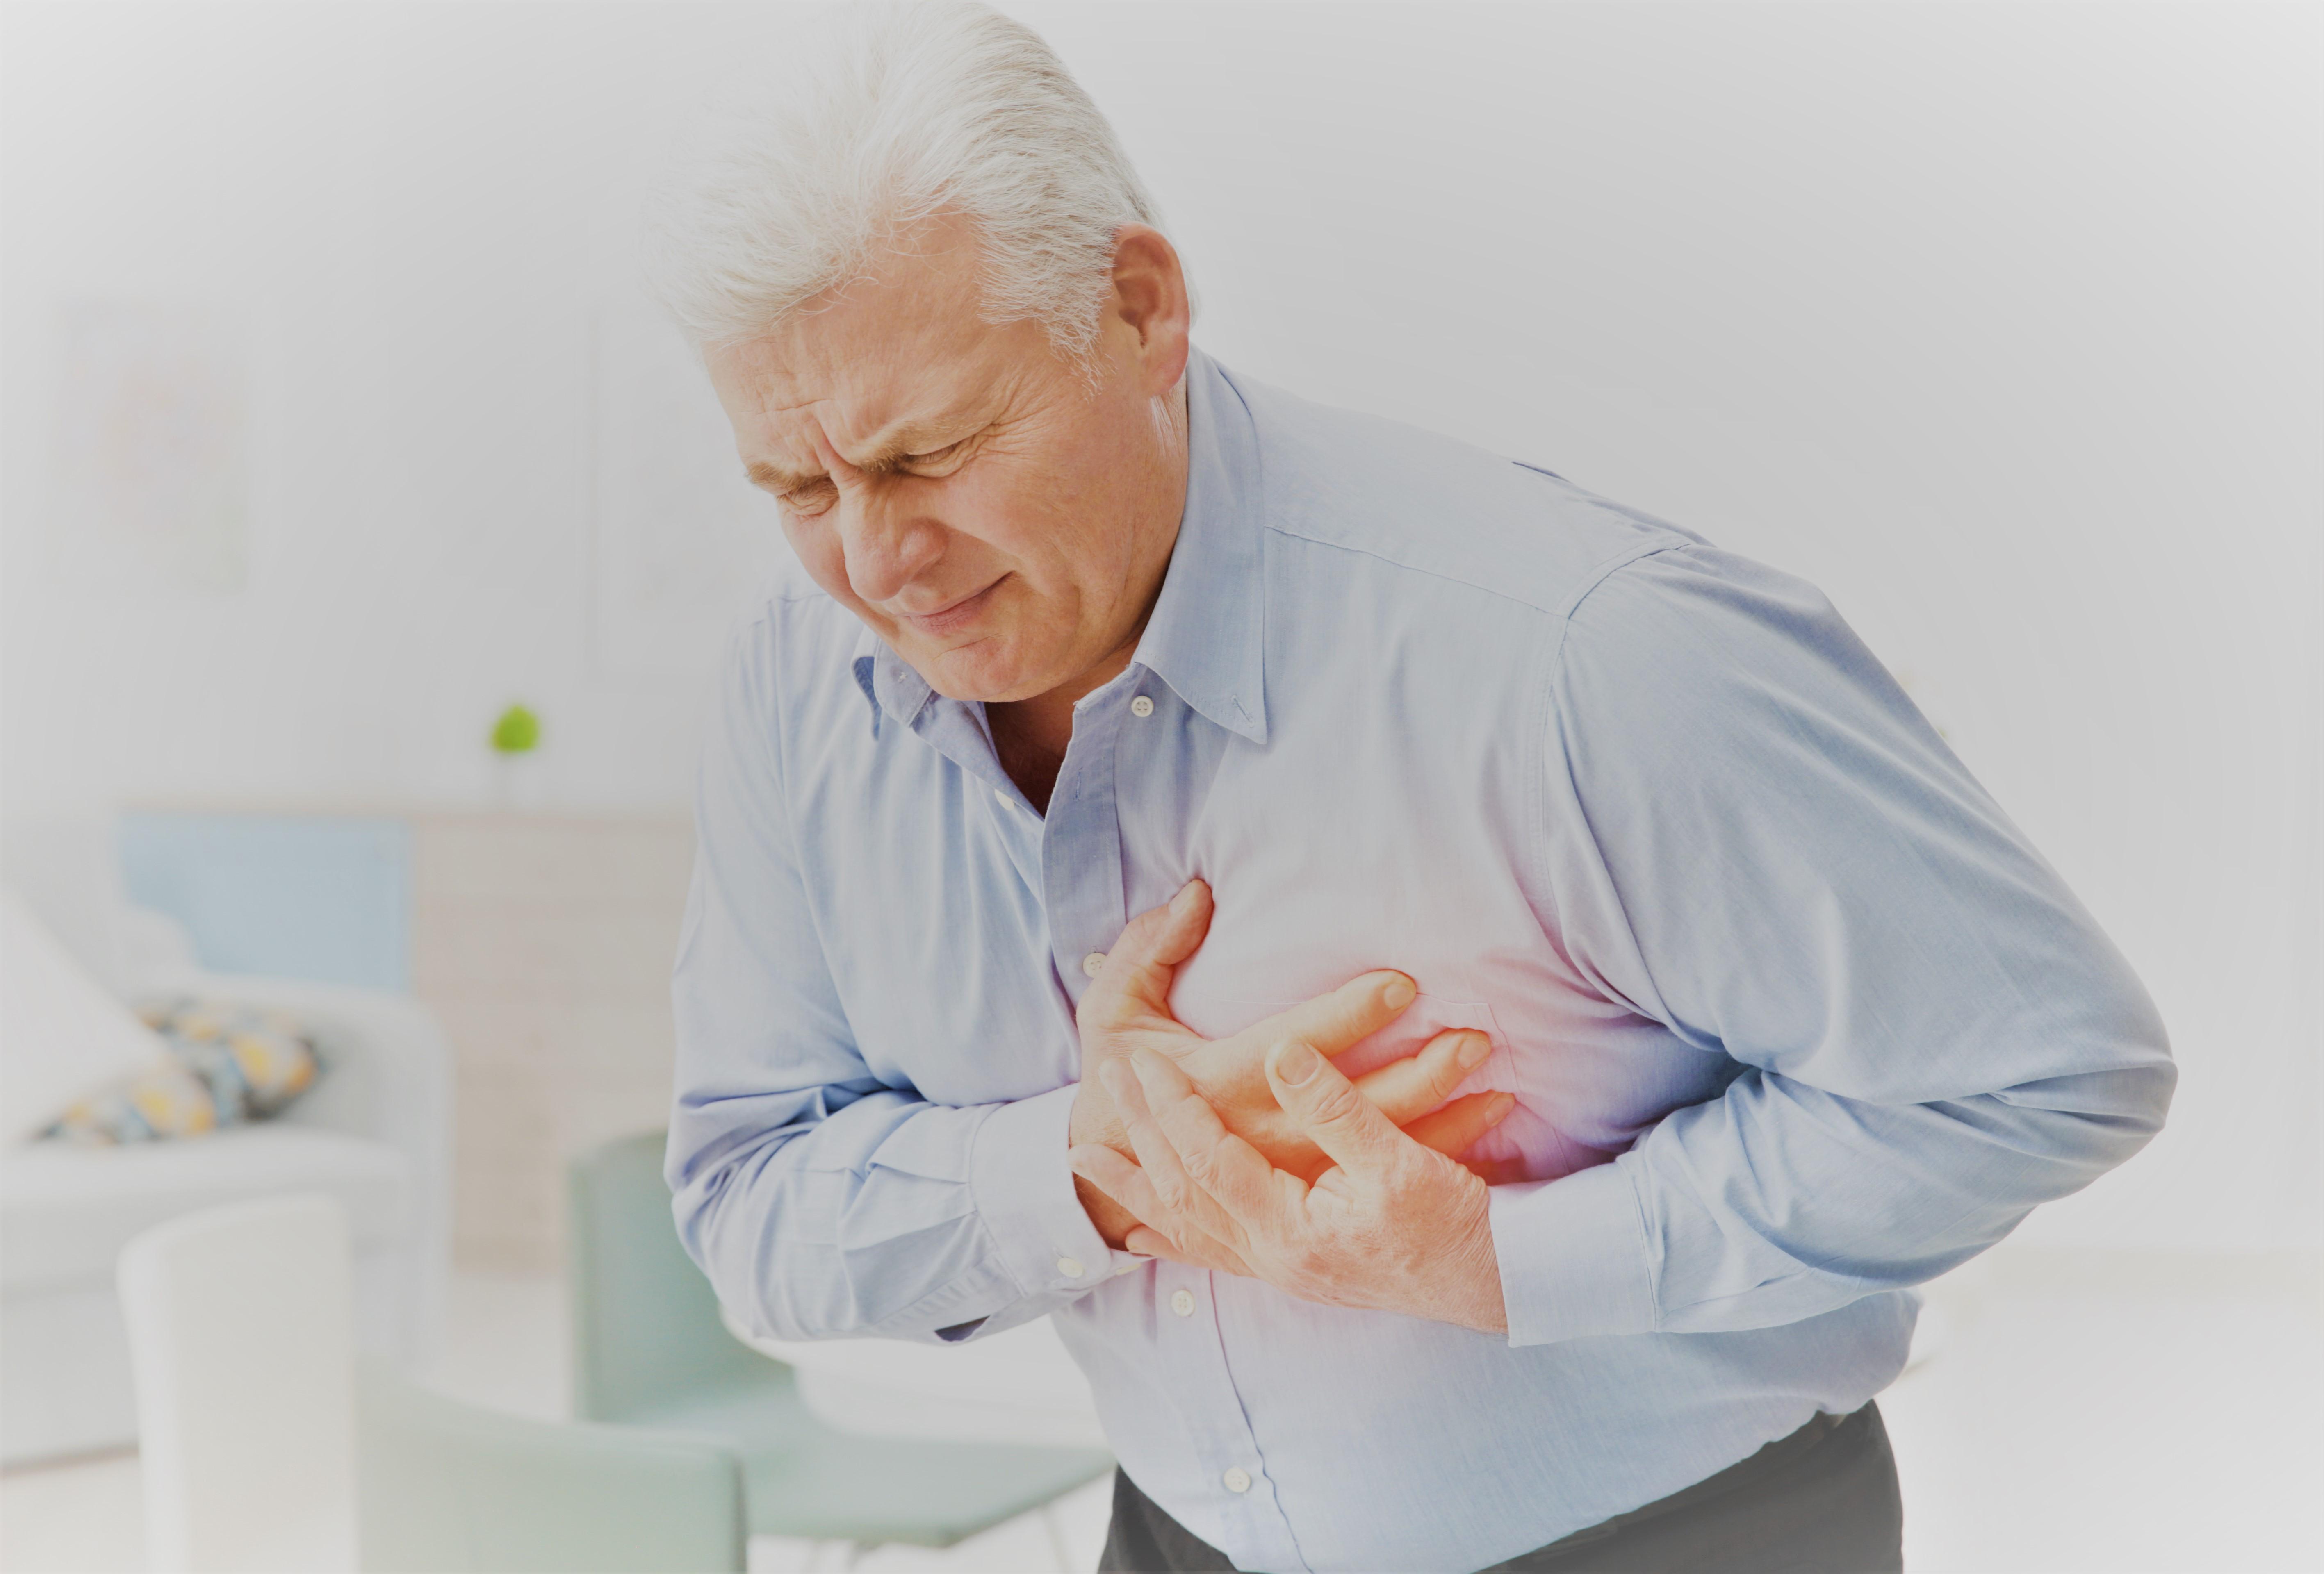 magas vérnyomás és gyakran szívfájdalom leghatékonyabban magas vérnyomás esetén